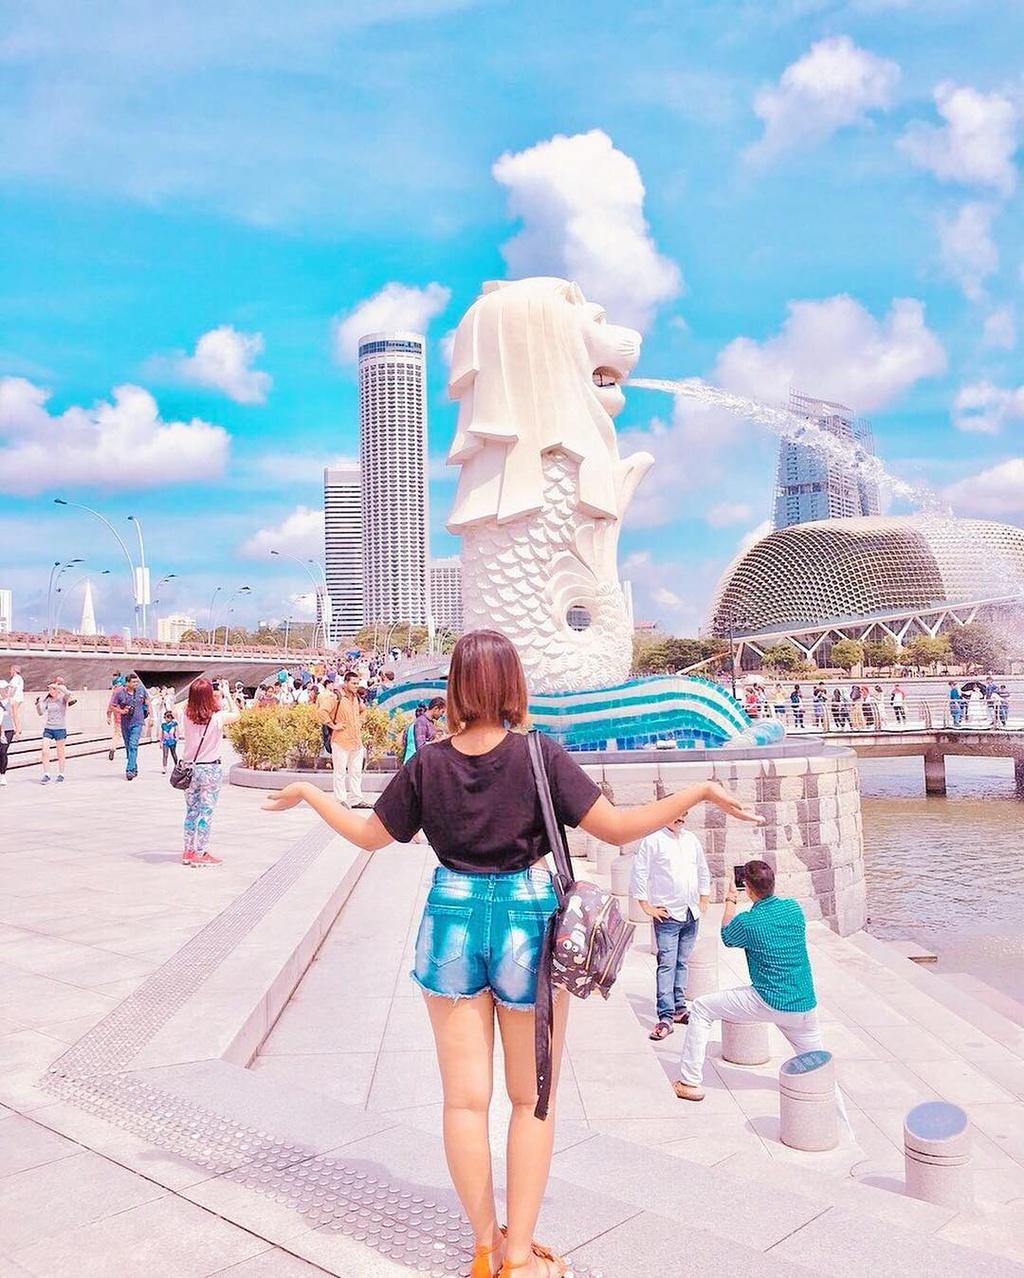 Gợi ý tìm vé giá rẻ đi Thái Lan, Nhật Bản dịp Tết Dương lịch - ảnh 6